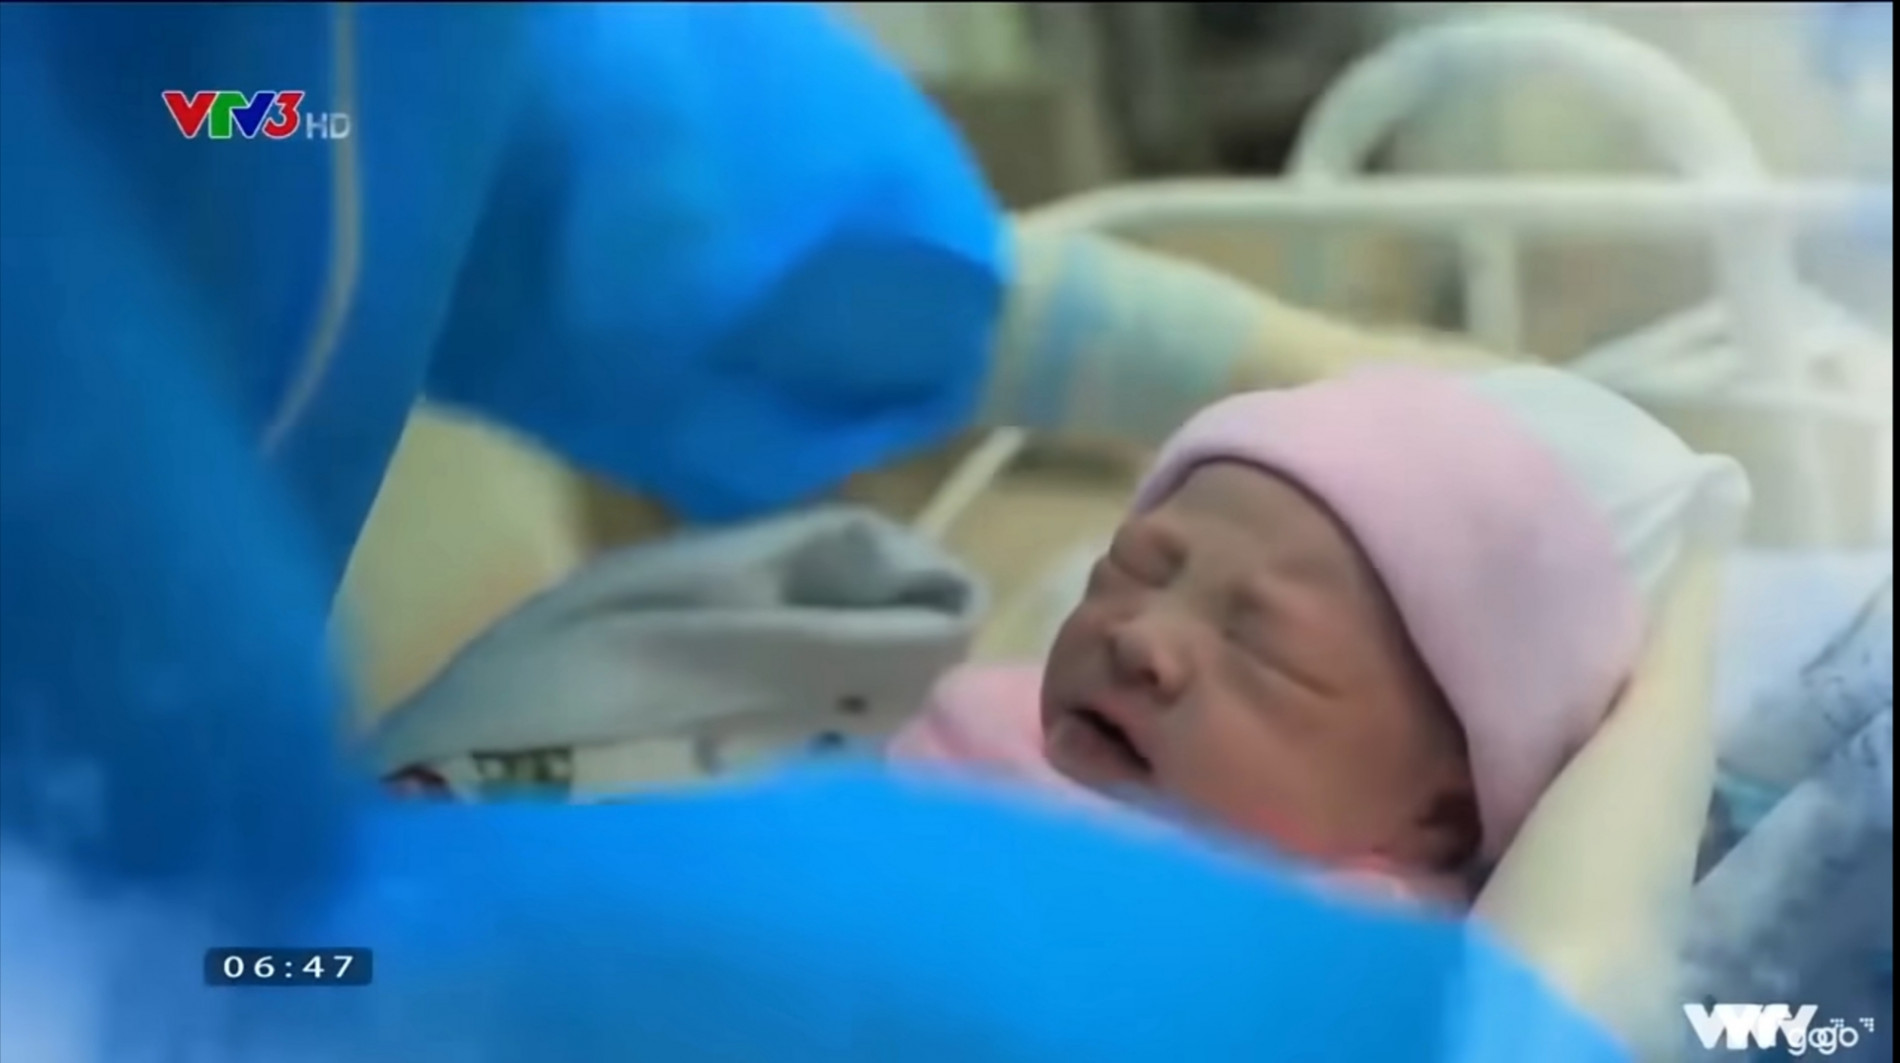 ngay con chao doi 0 1632321856935811600885 Ngày con chào đời: Có những phút giây nước mắt không ngừng rơi vì... thương yêu